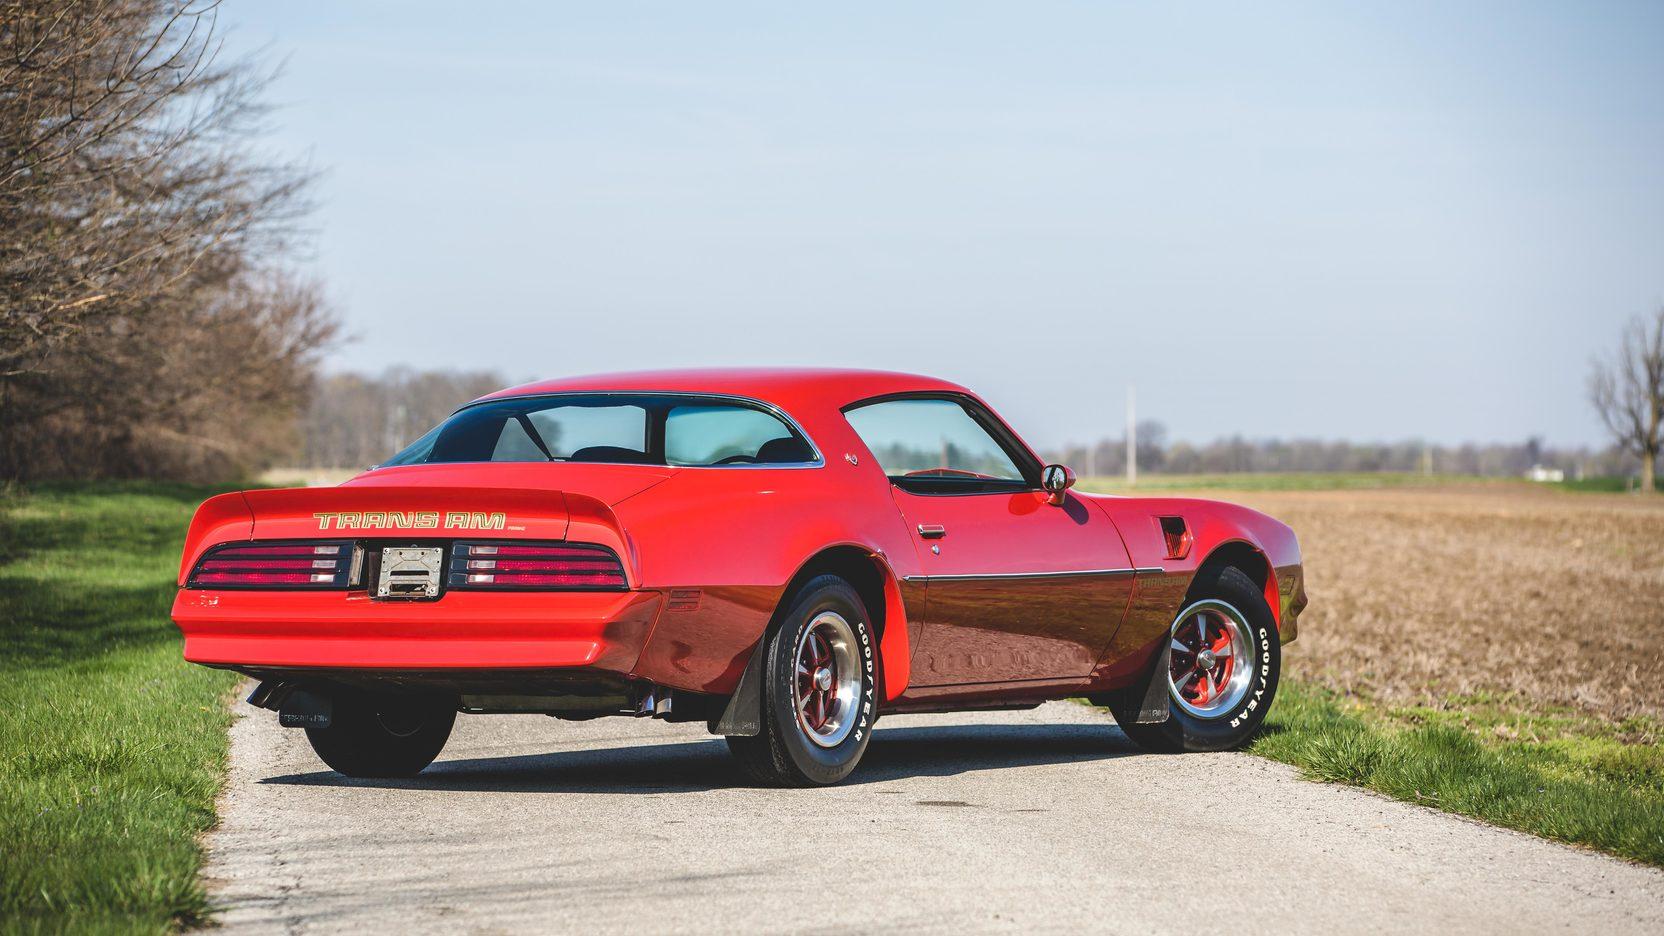 1978 Pontiac Firebird Trans Am 3/4 rear